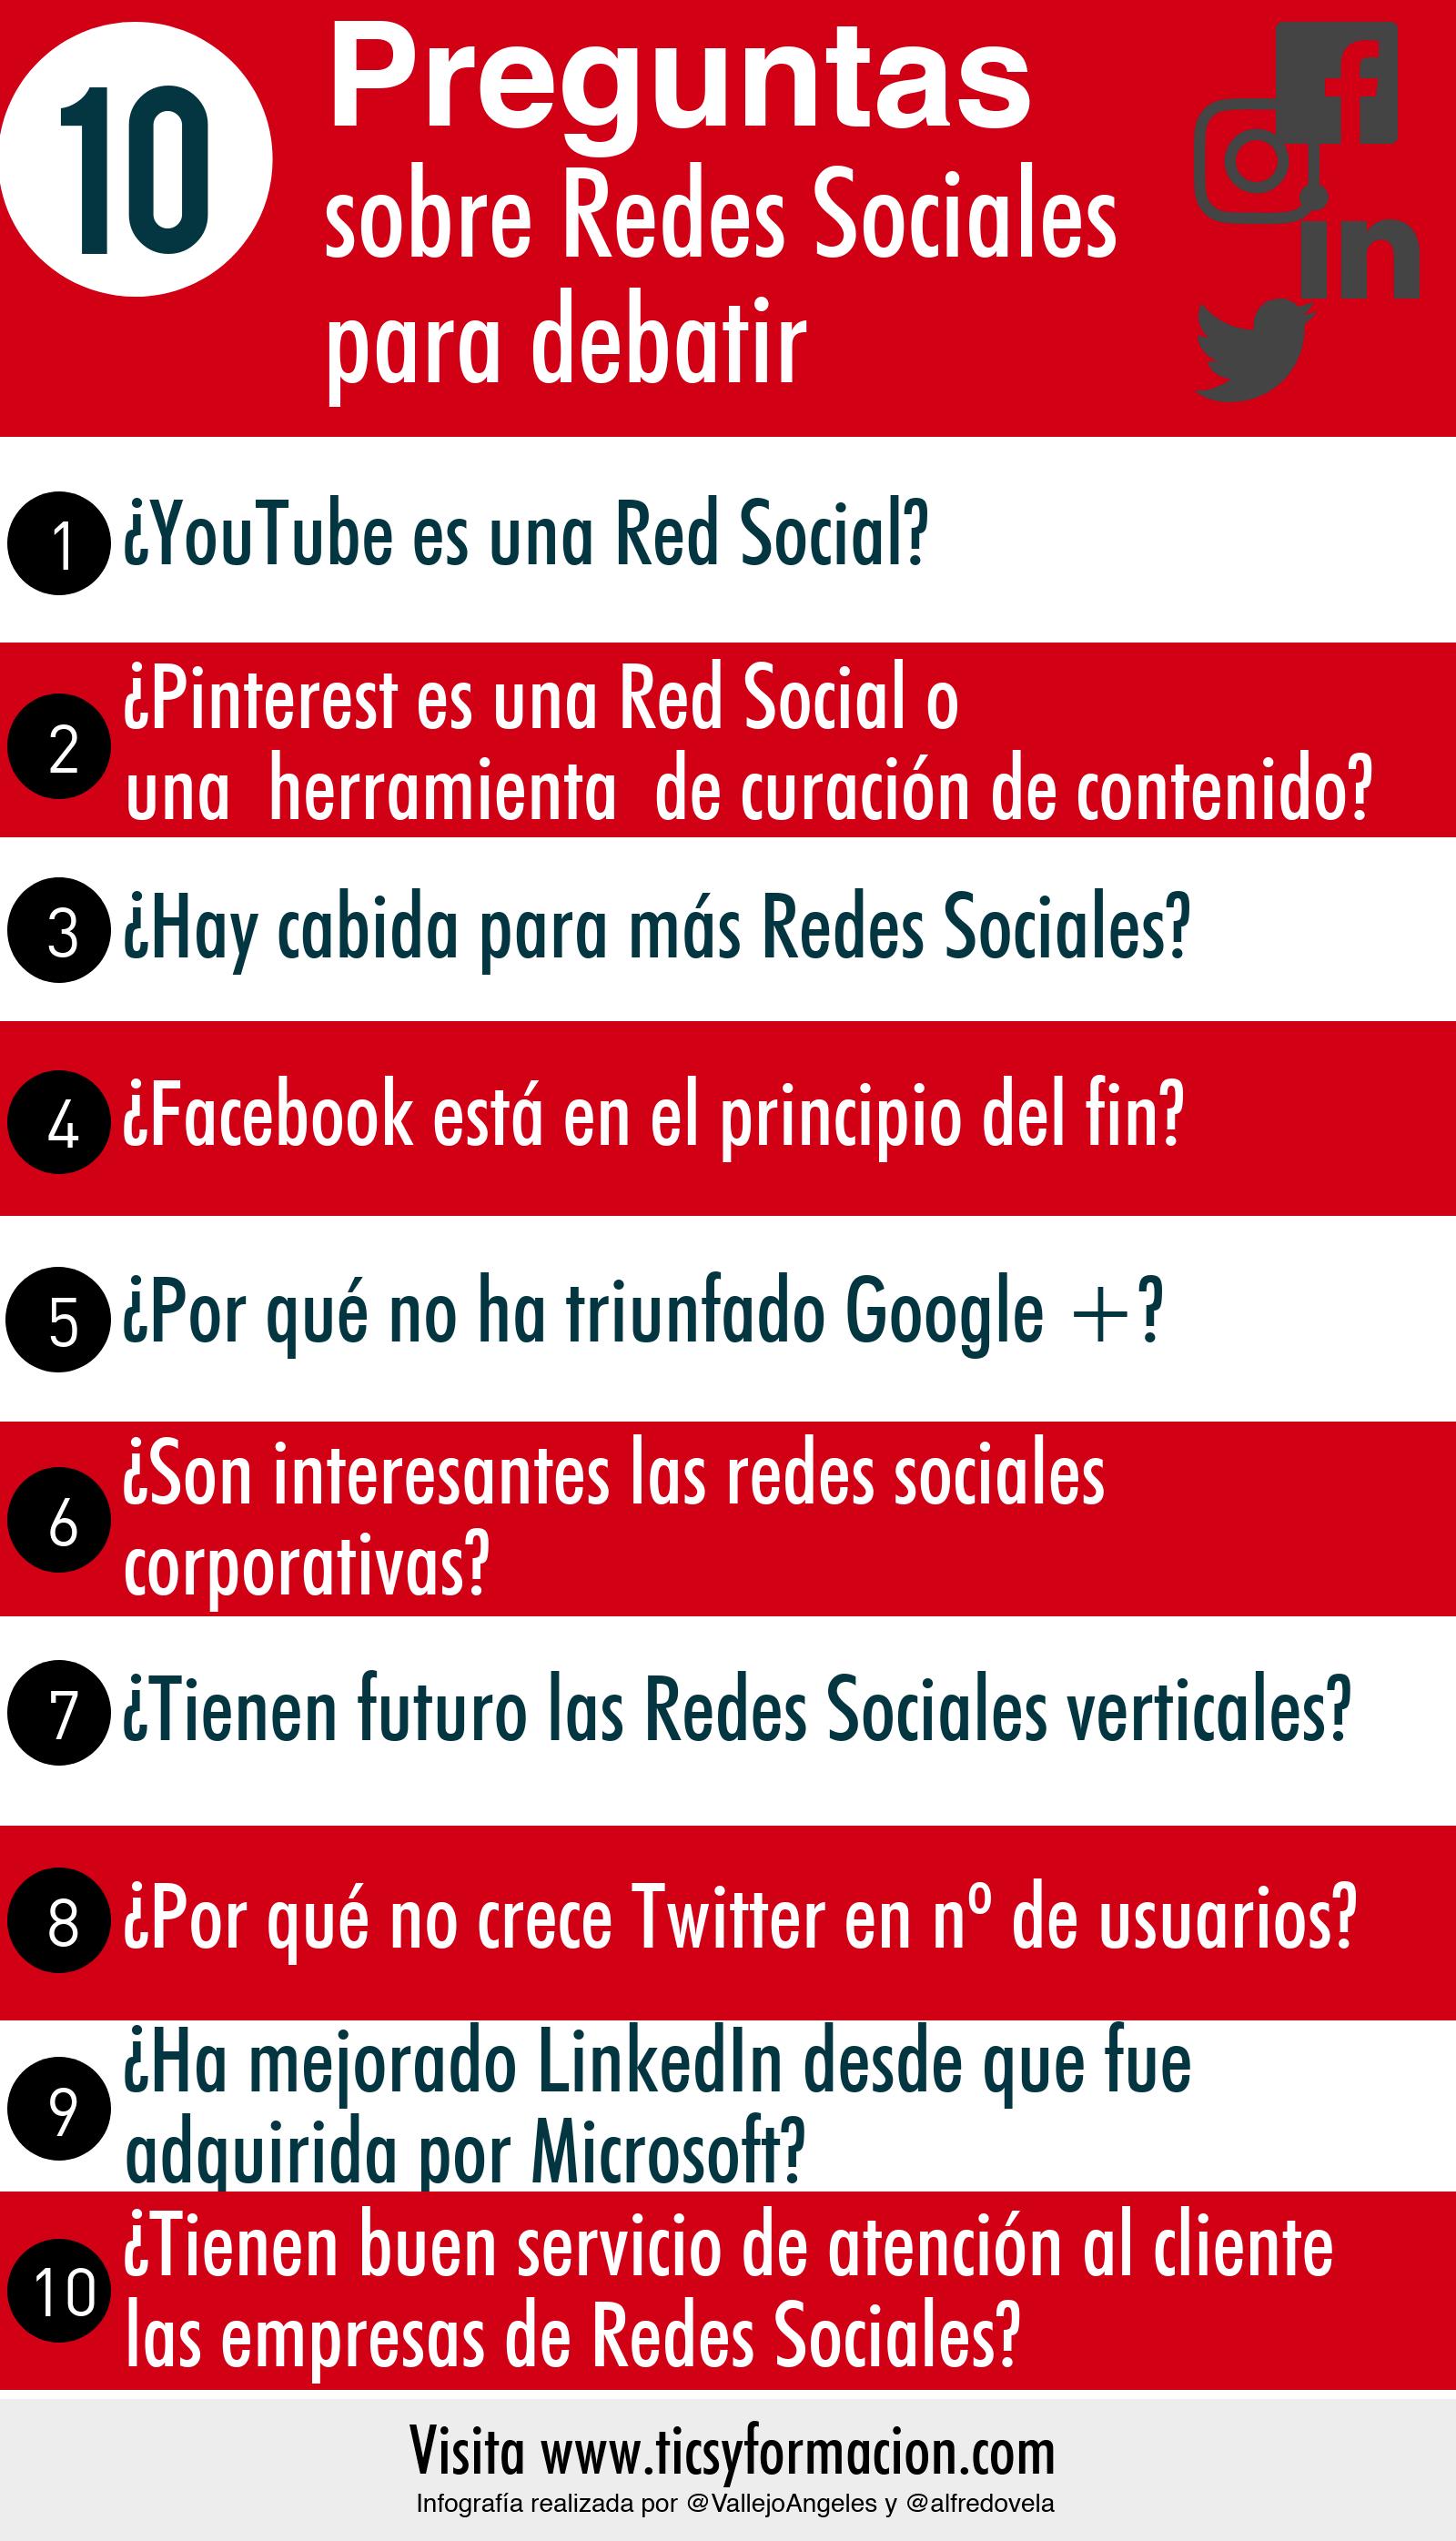 10 Preguntas Sobre Redes Sociales Para Debatir Infografia Infographic Socialmedia Tics Y Formación Redes Sociales Socialismo Preguntas